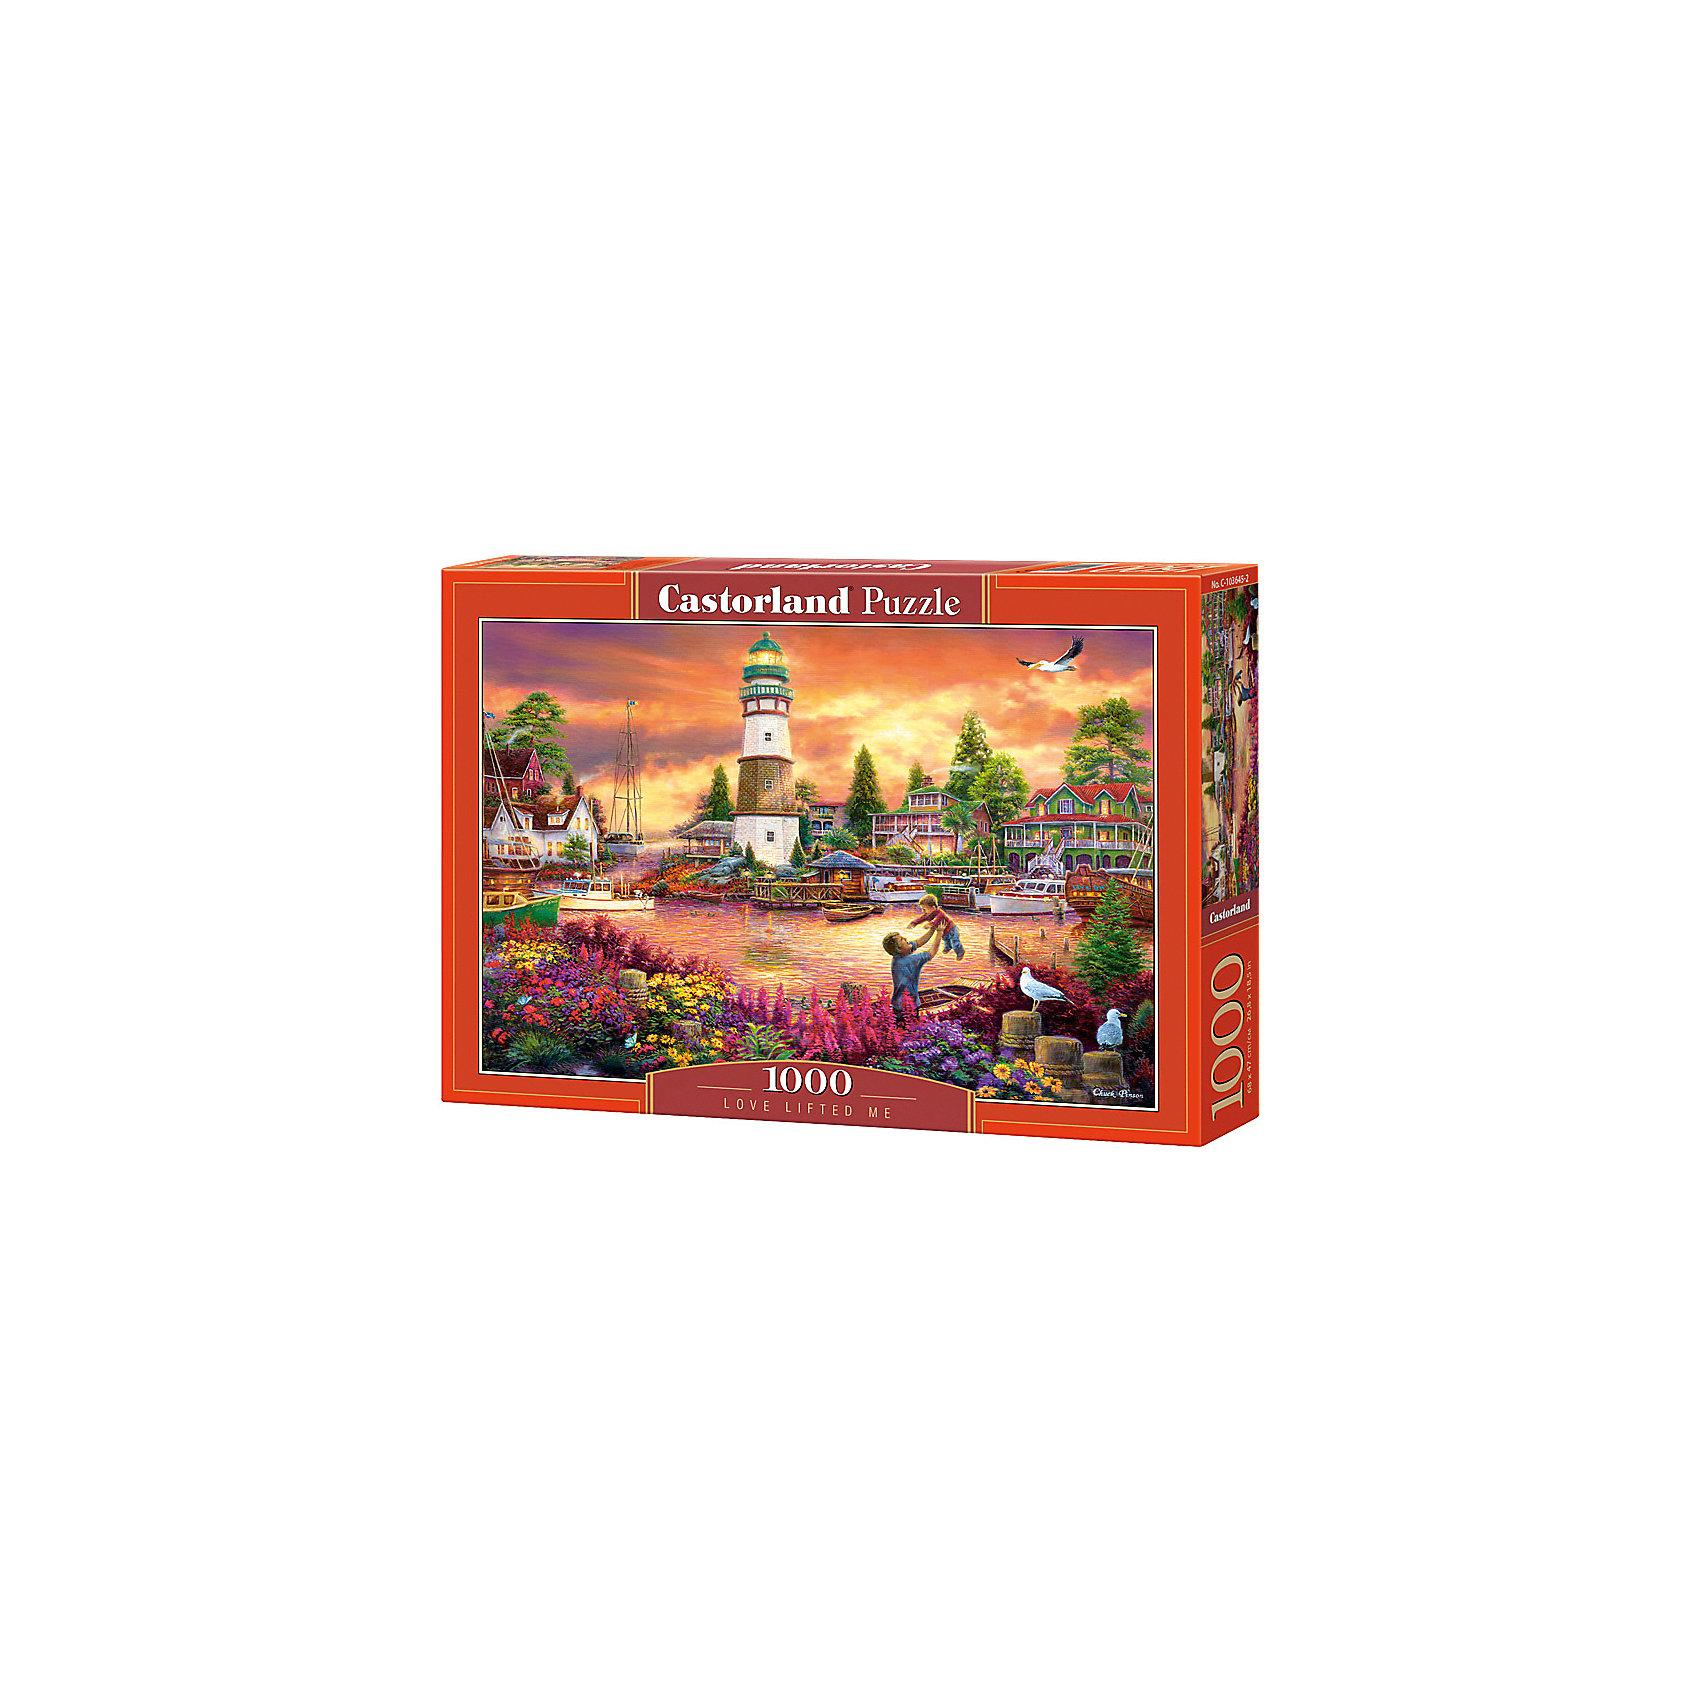 Пазл Castorland Живописная бухта, 1000 деталейПазлы для детей постарше<br>Характеристики:<br><br>• возраст: от 9 лет<br>• количество деталей: 1000 шт.<br>• размер собранного пазла: 68х47 см.<br>• материал: картон<br>• упаковка: картонная коробка<br>• размер упаковки: 35x5x25 см.<br>• вес: 500 гр.<br>• страна обладатель бренда: Польша<br><br>Пазл состоит из тысячи элементов, собрав которые, можно получить великолепную картину с изображением красочной бухты. Море в лучах заходящего солнца, разноцветные цветы на берегу, отец, играющий с сыном, и старый маяк, на котором уже загорелись первые огниж<br><br>Пазл Бухта, 1000 деталей, Castorland (Касторленд) можно купить в нашем интернет-магазине.<br><br>Ширина мм: 350<br>Глубина мм: 250<br>Высота мм: 50<br>Вес г: 500<br>Возраст от месяцев: 108<br>Возраст до месяцев: 2147483647<br>Пол: Унисекс<br>Возраст: Детский<br>SKU: 6725077